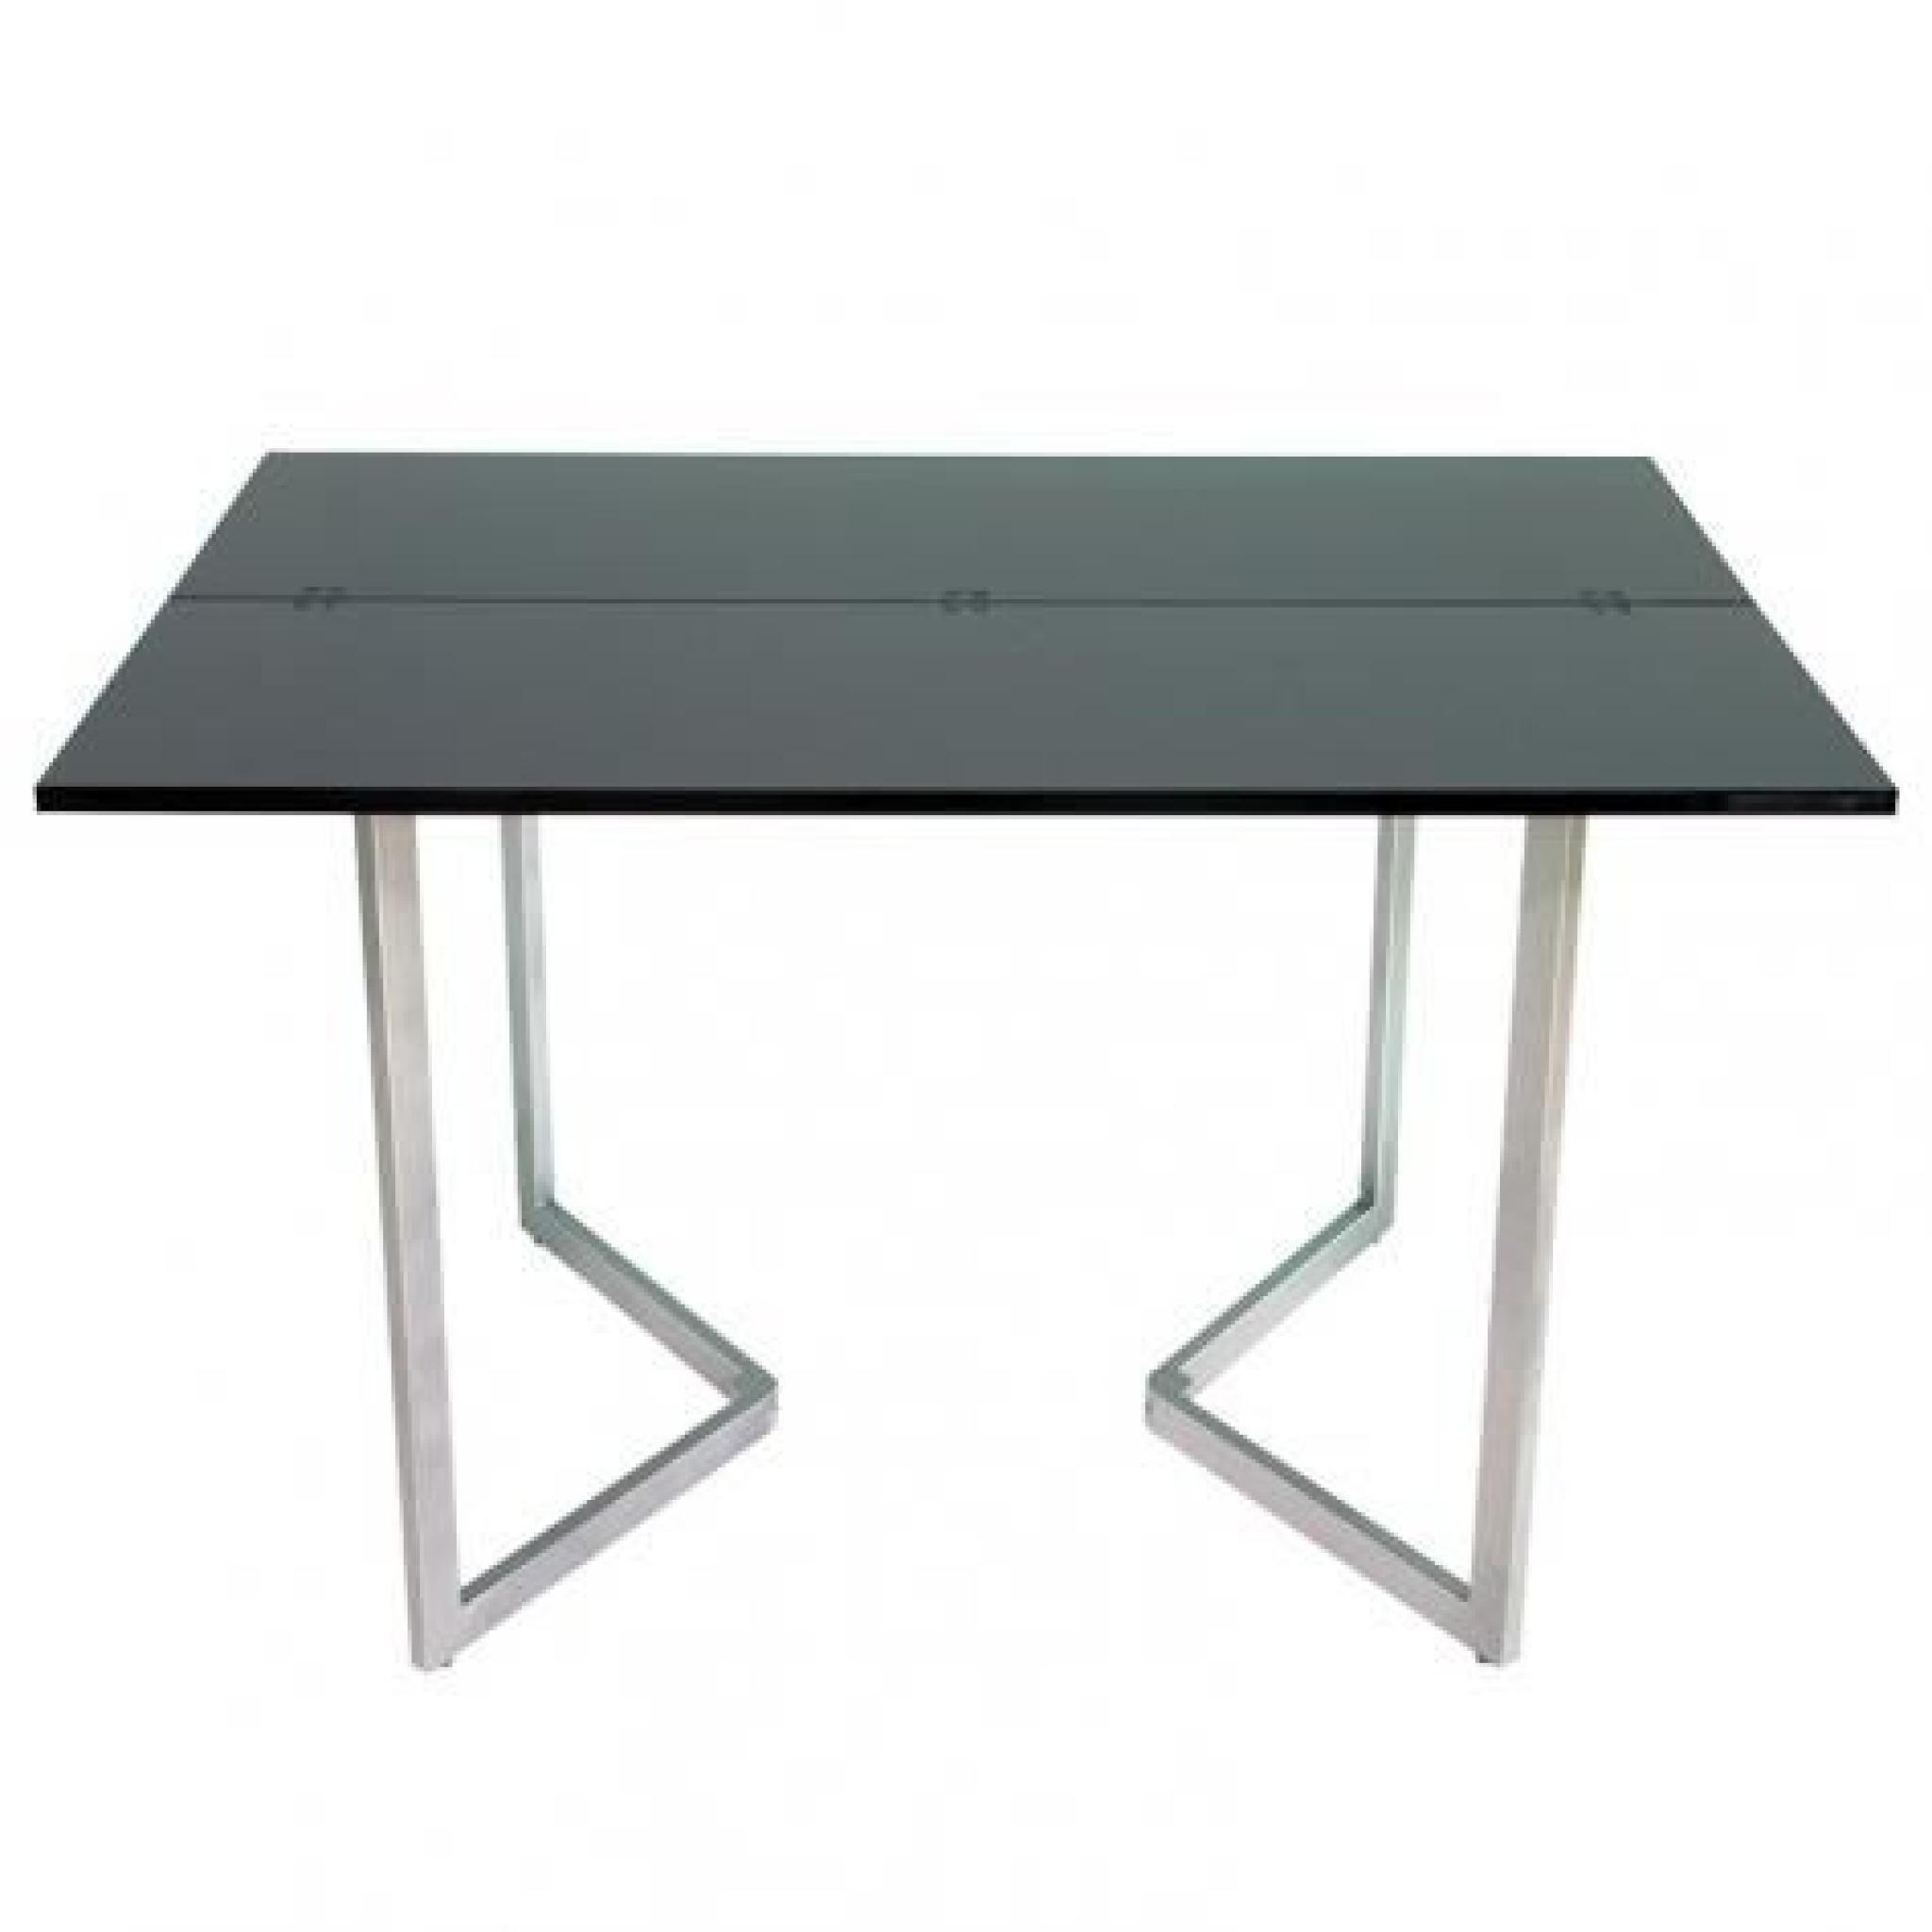 table console extensible noire laqu e talia achat vente ensemble salle a manger pas cher. Black Bedroom Furniture Sets. Home Design Ideas